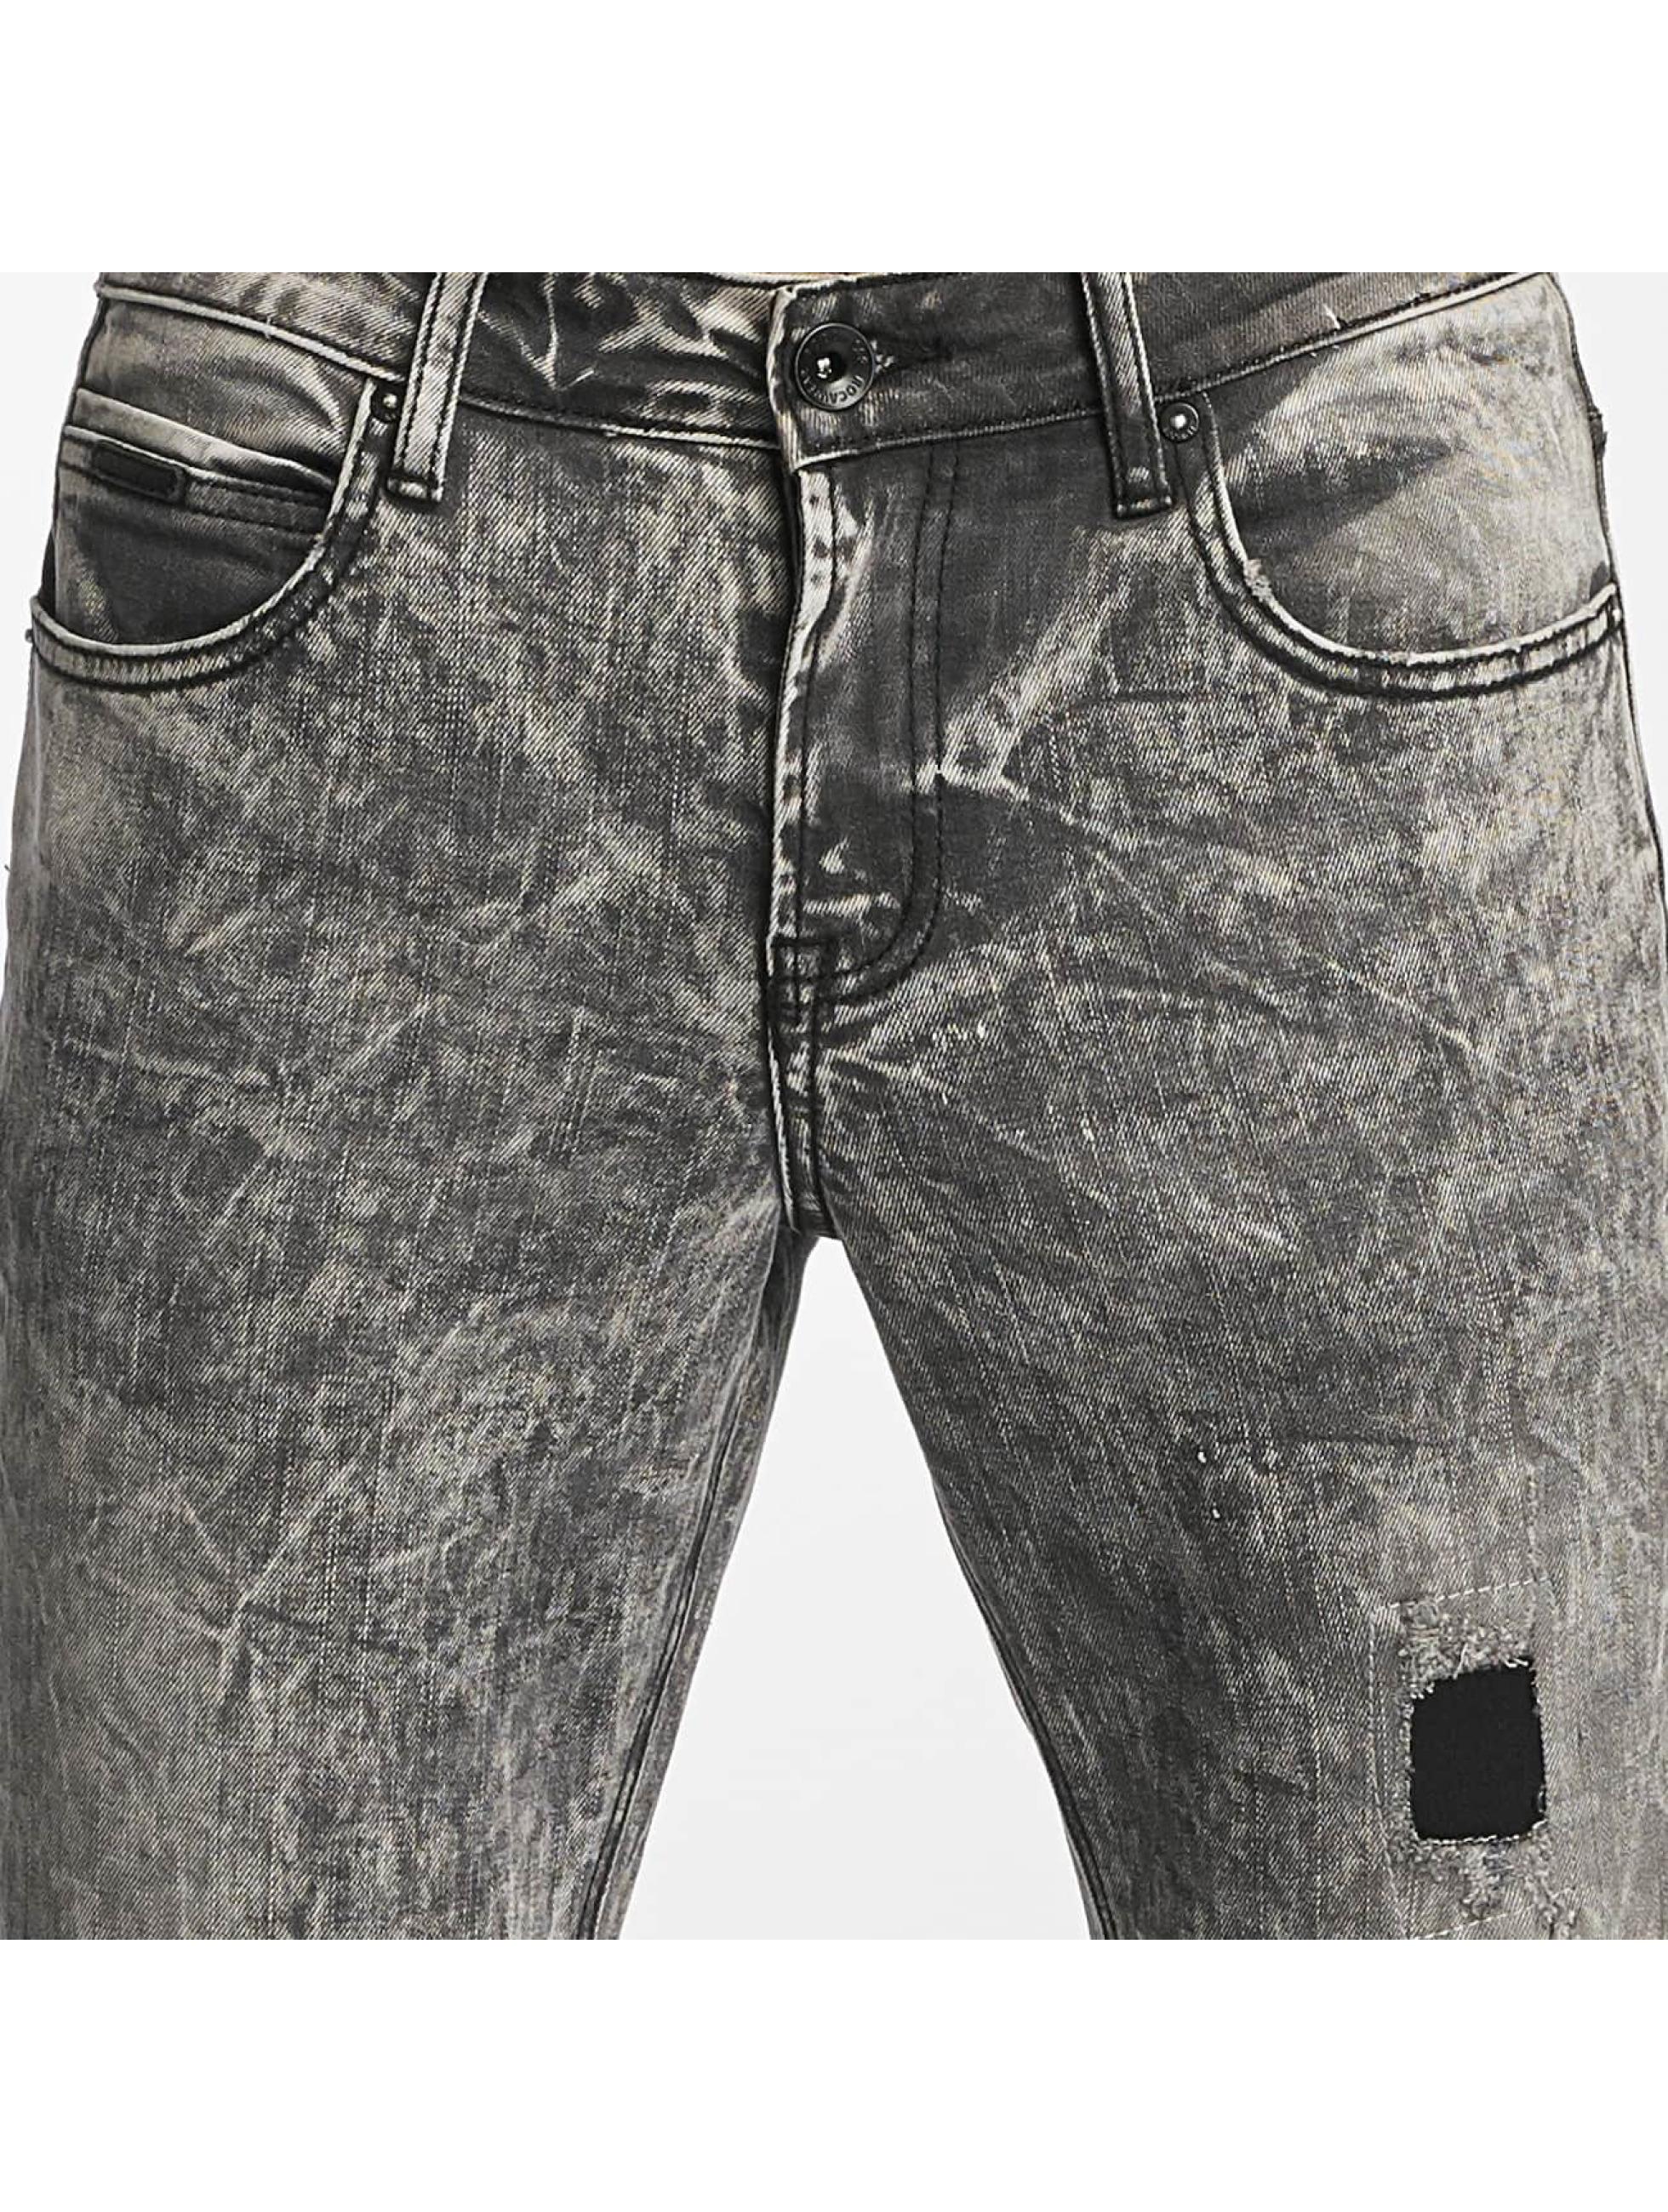 Rocawear Skinny Jeans Smokey grau